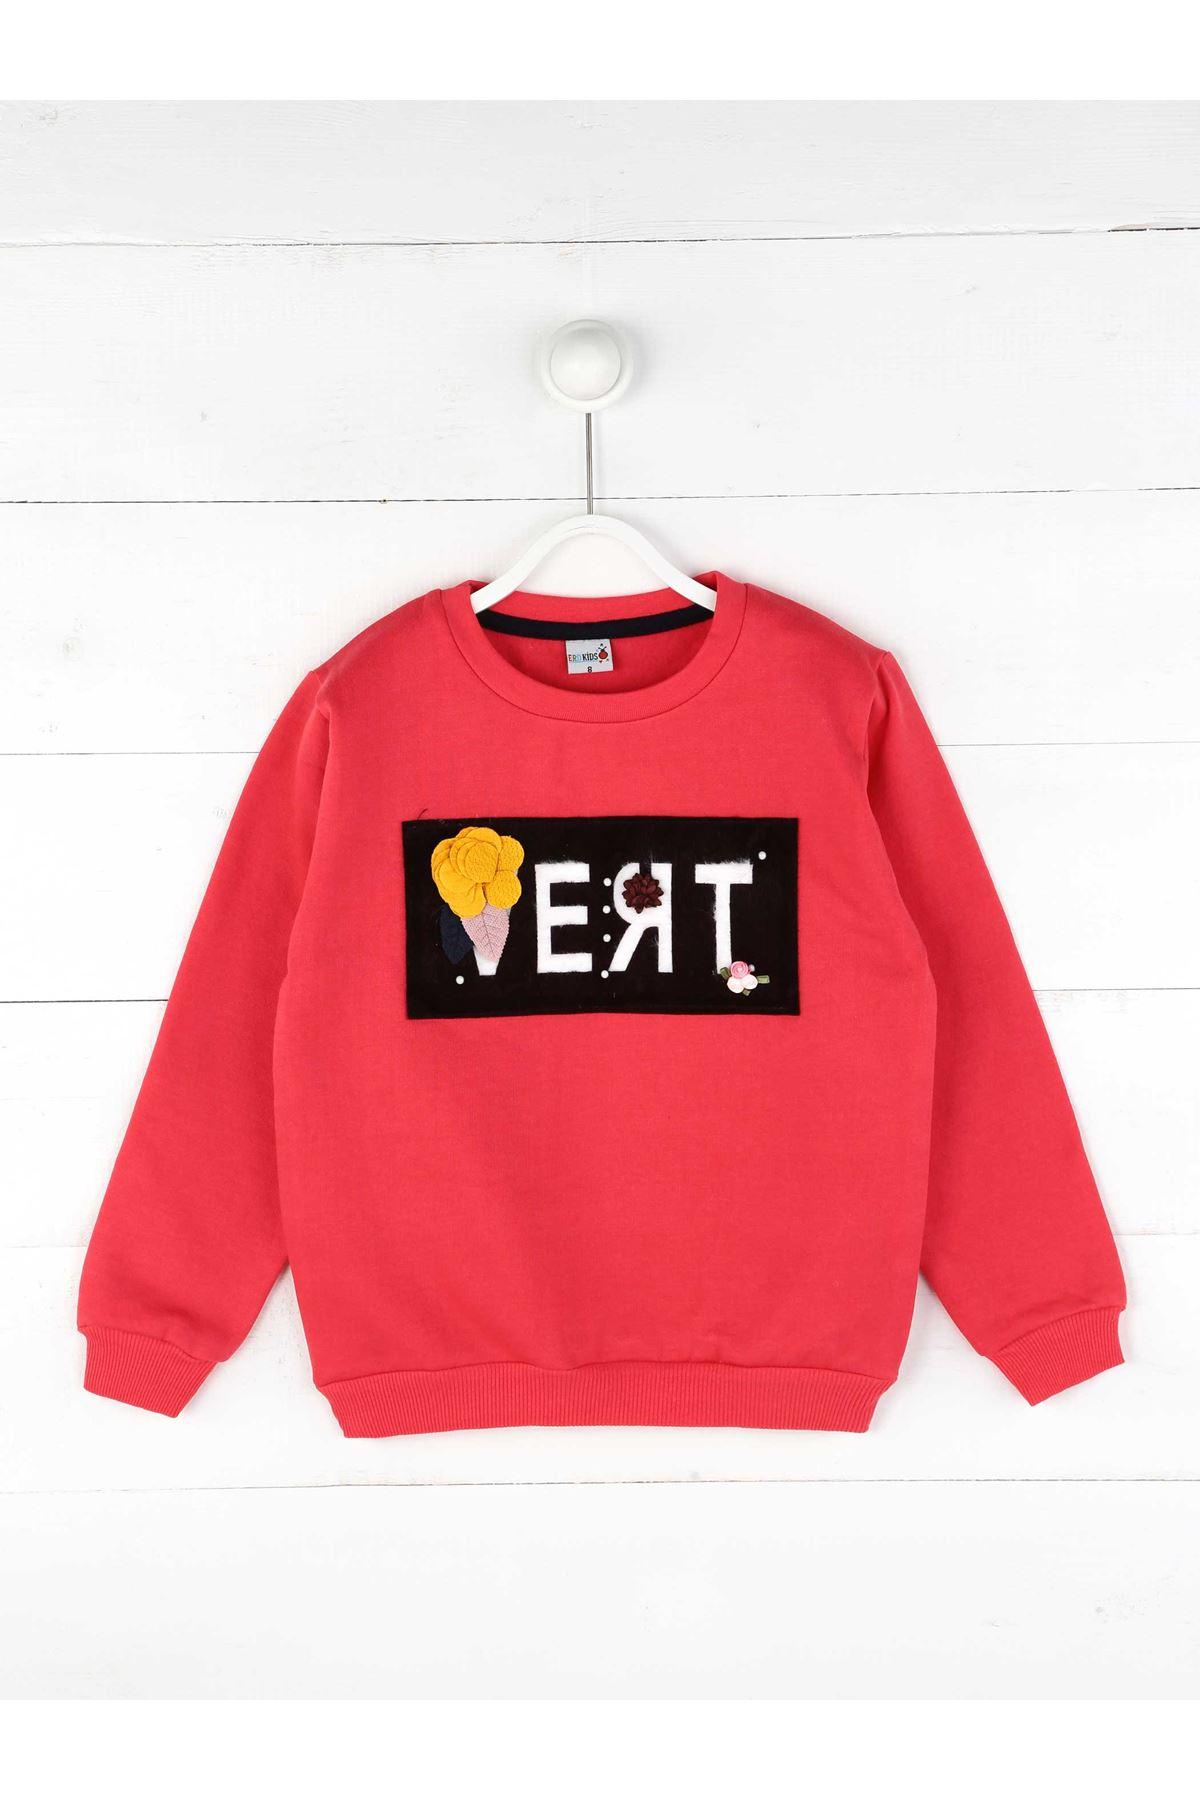 Narçiçeği Kışlık Kız Çocuk Sweatshirt